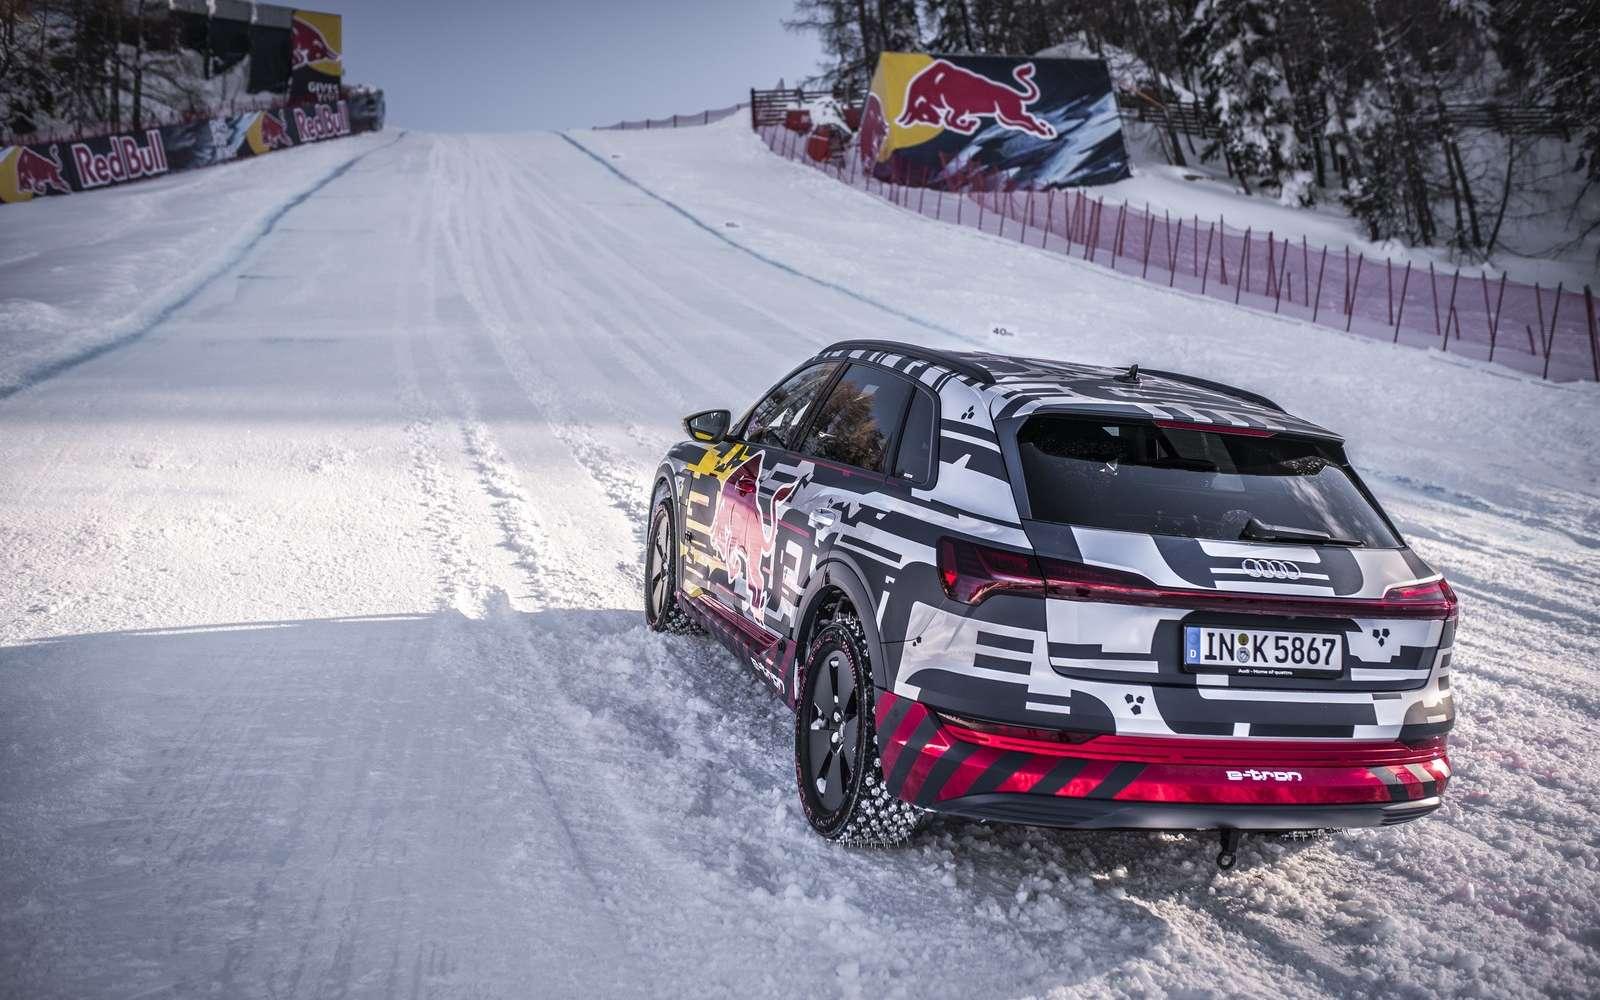 L'Audi e-tron s'attaque à la pente à 85 % de la piste « Streif » à Kitzbühel en Autriche. © Audi